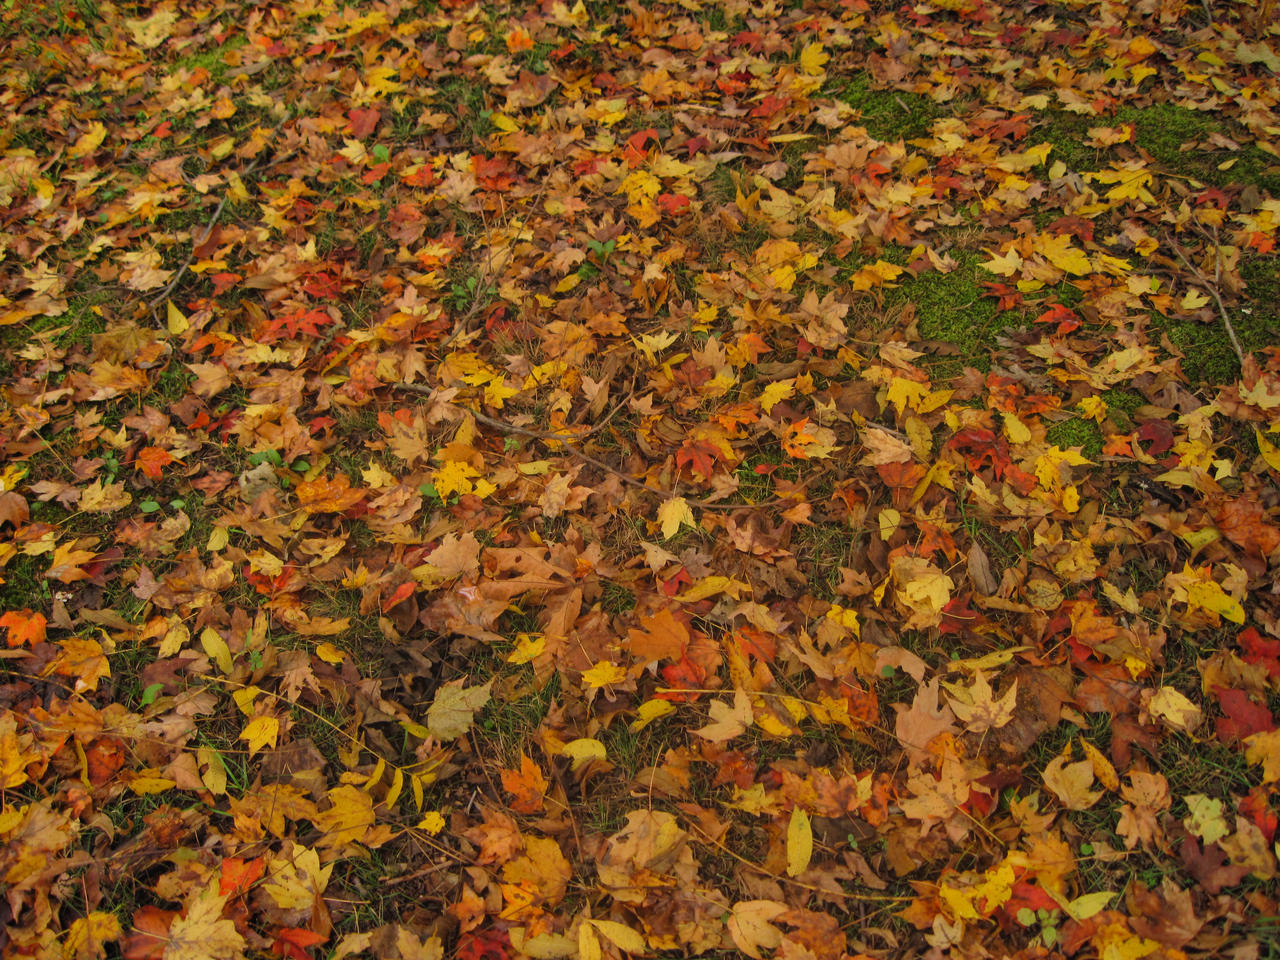 October Leaves by Mistshadow2k4